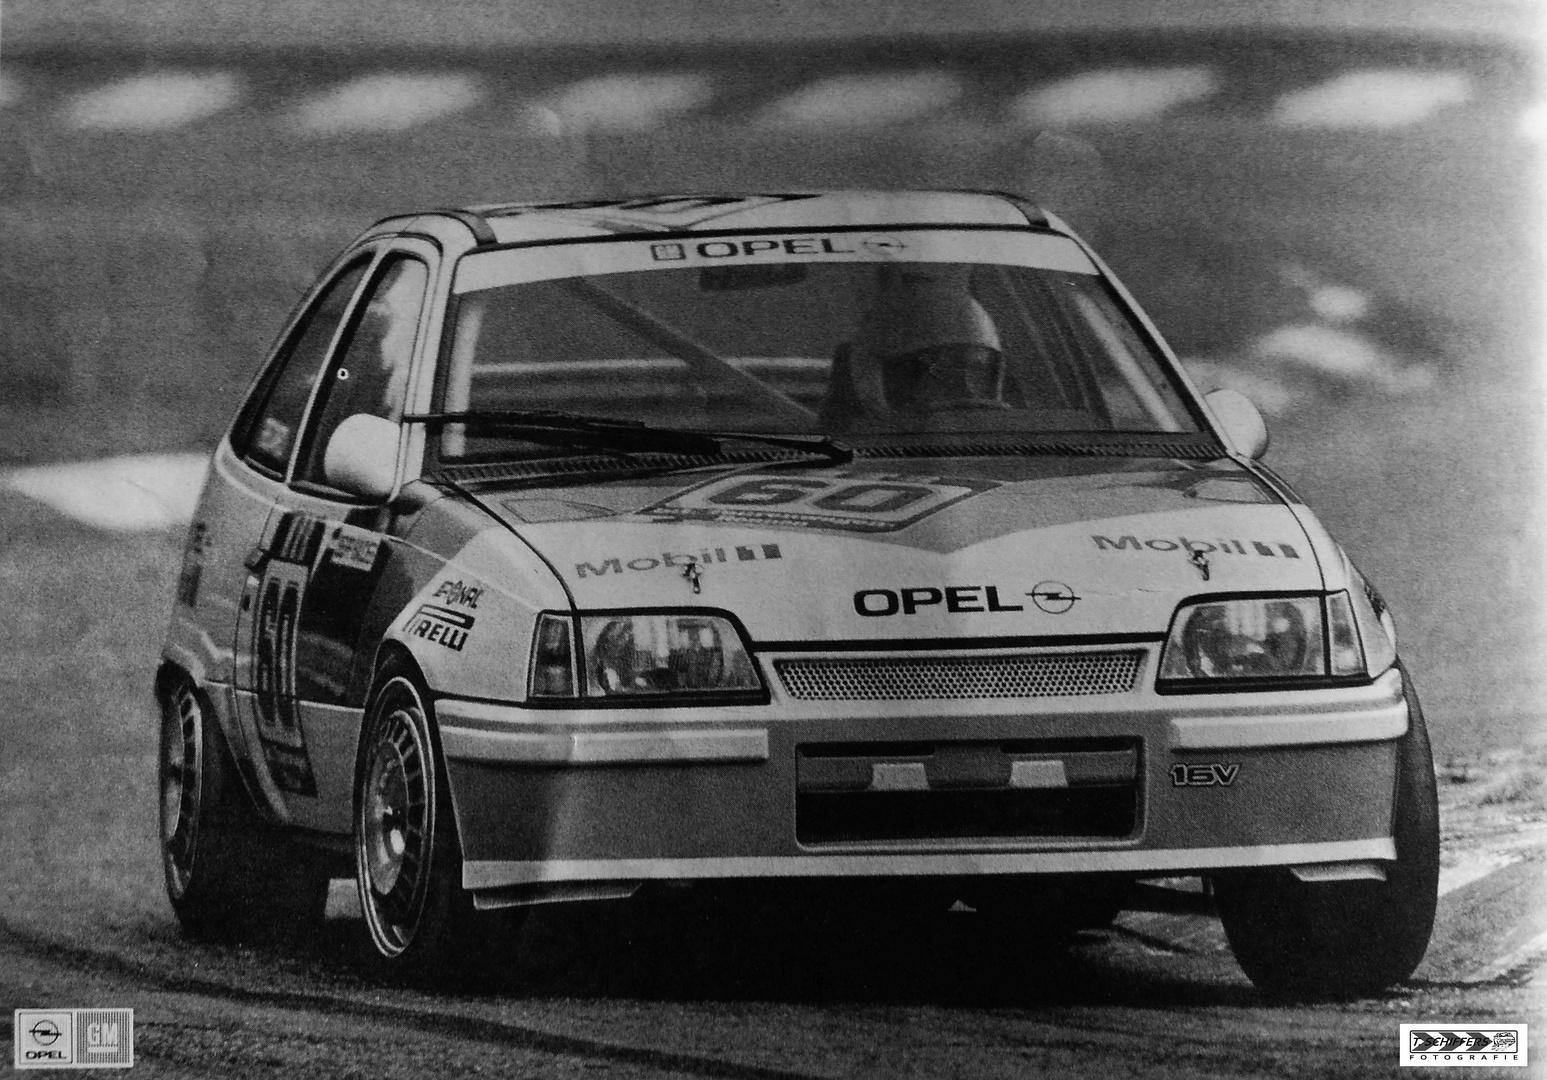 Opel Kadett E GSI 16 V @ Circuit Zolder 1988